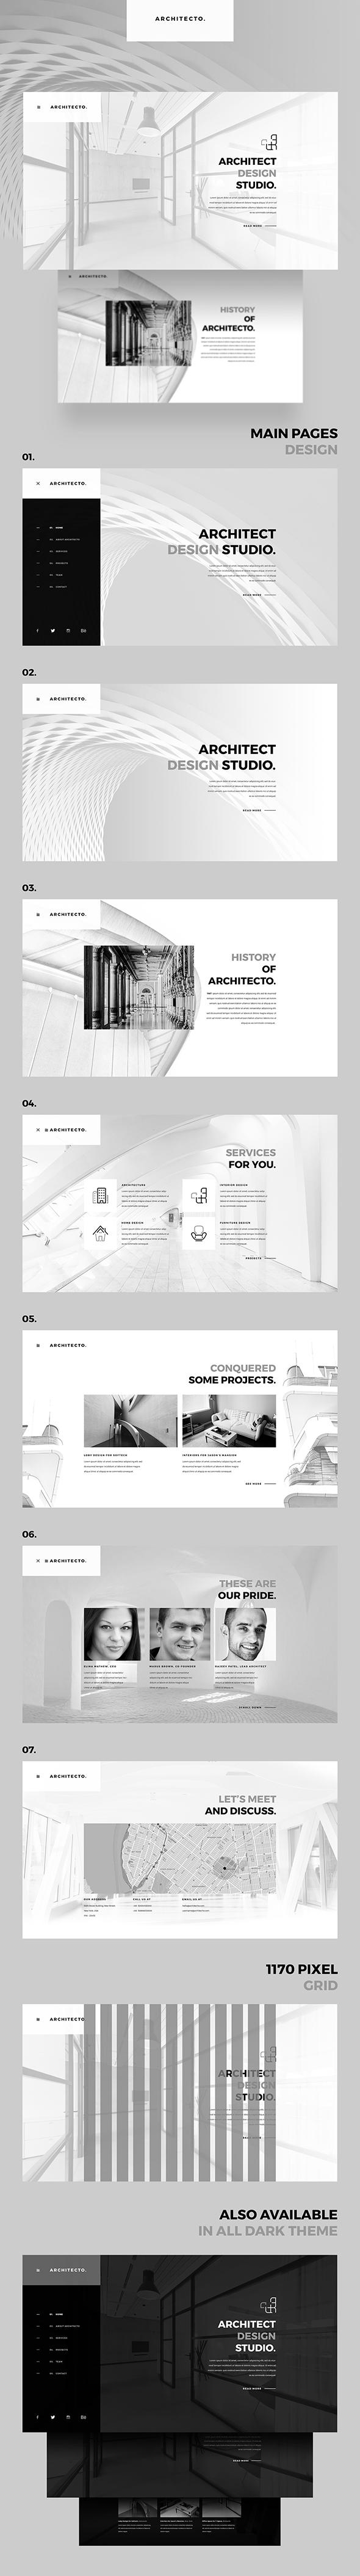 Architecto Architecture Studio PSD Template - 1